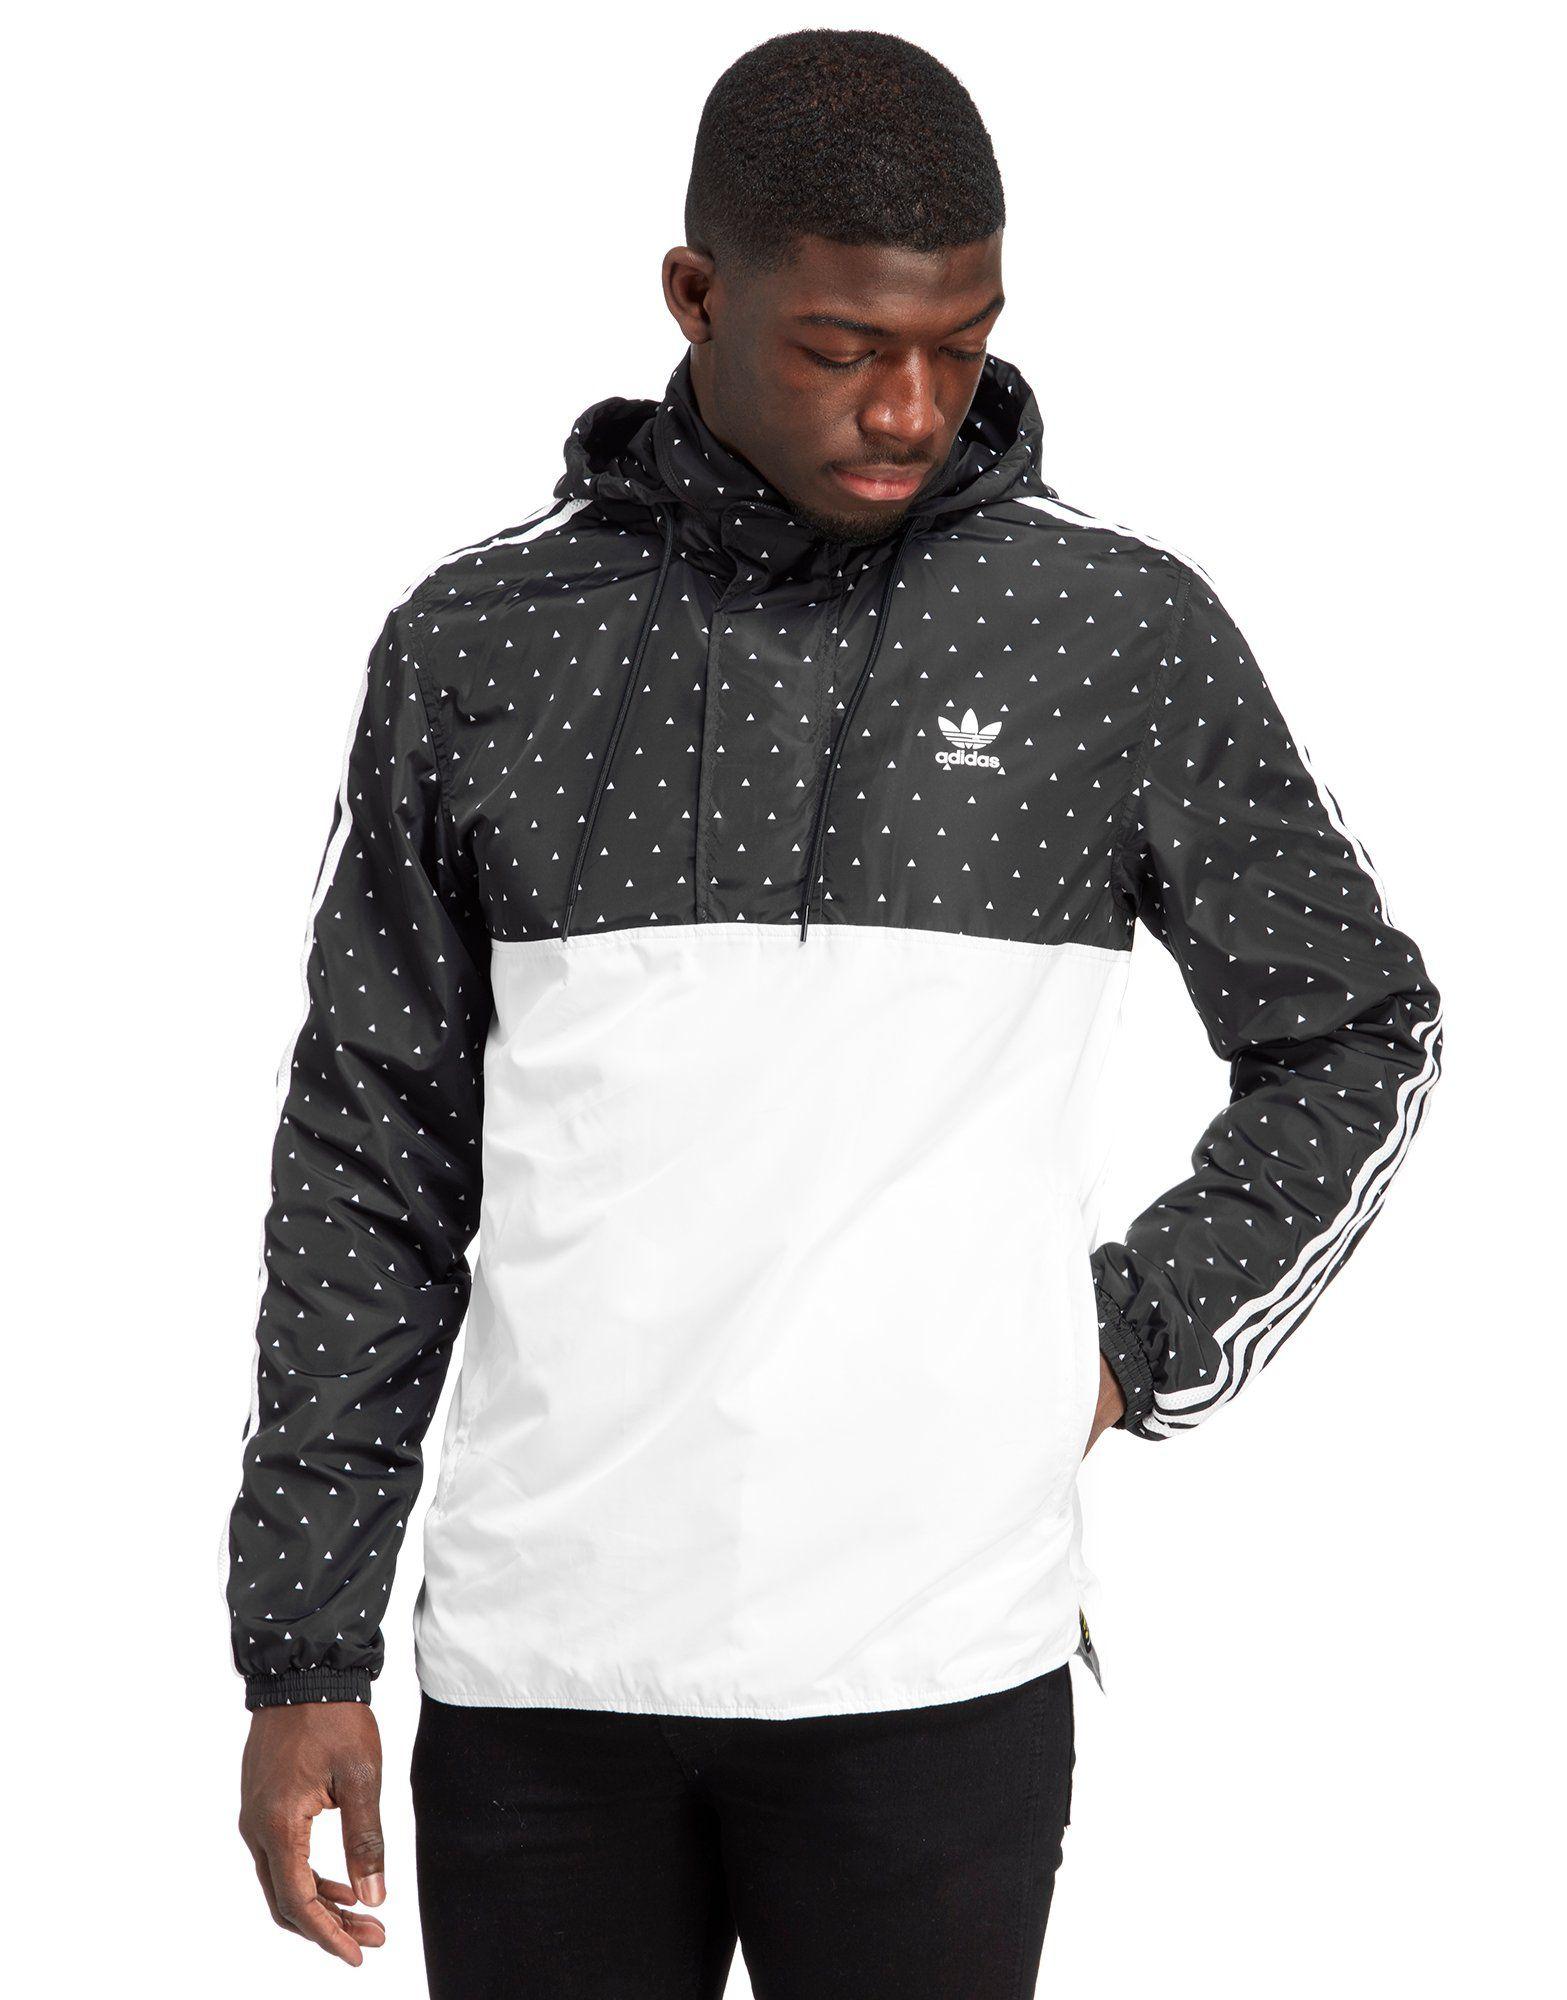 2eb75e431e0ff 70%OFF adidas Originals Pharrell Williams HU 1 2 Zip Jacket